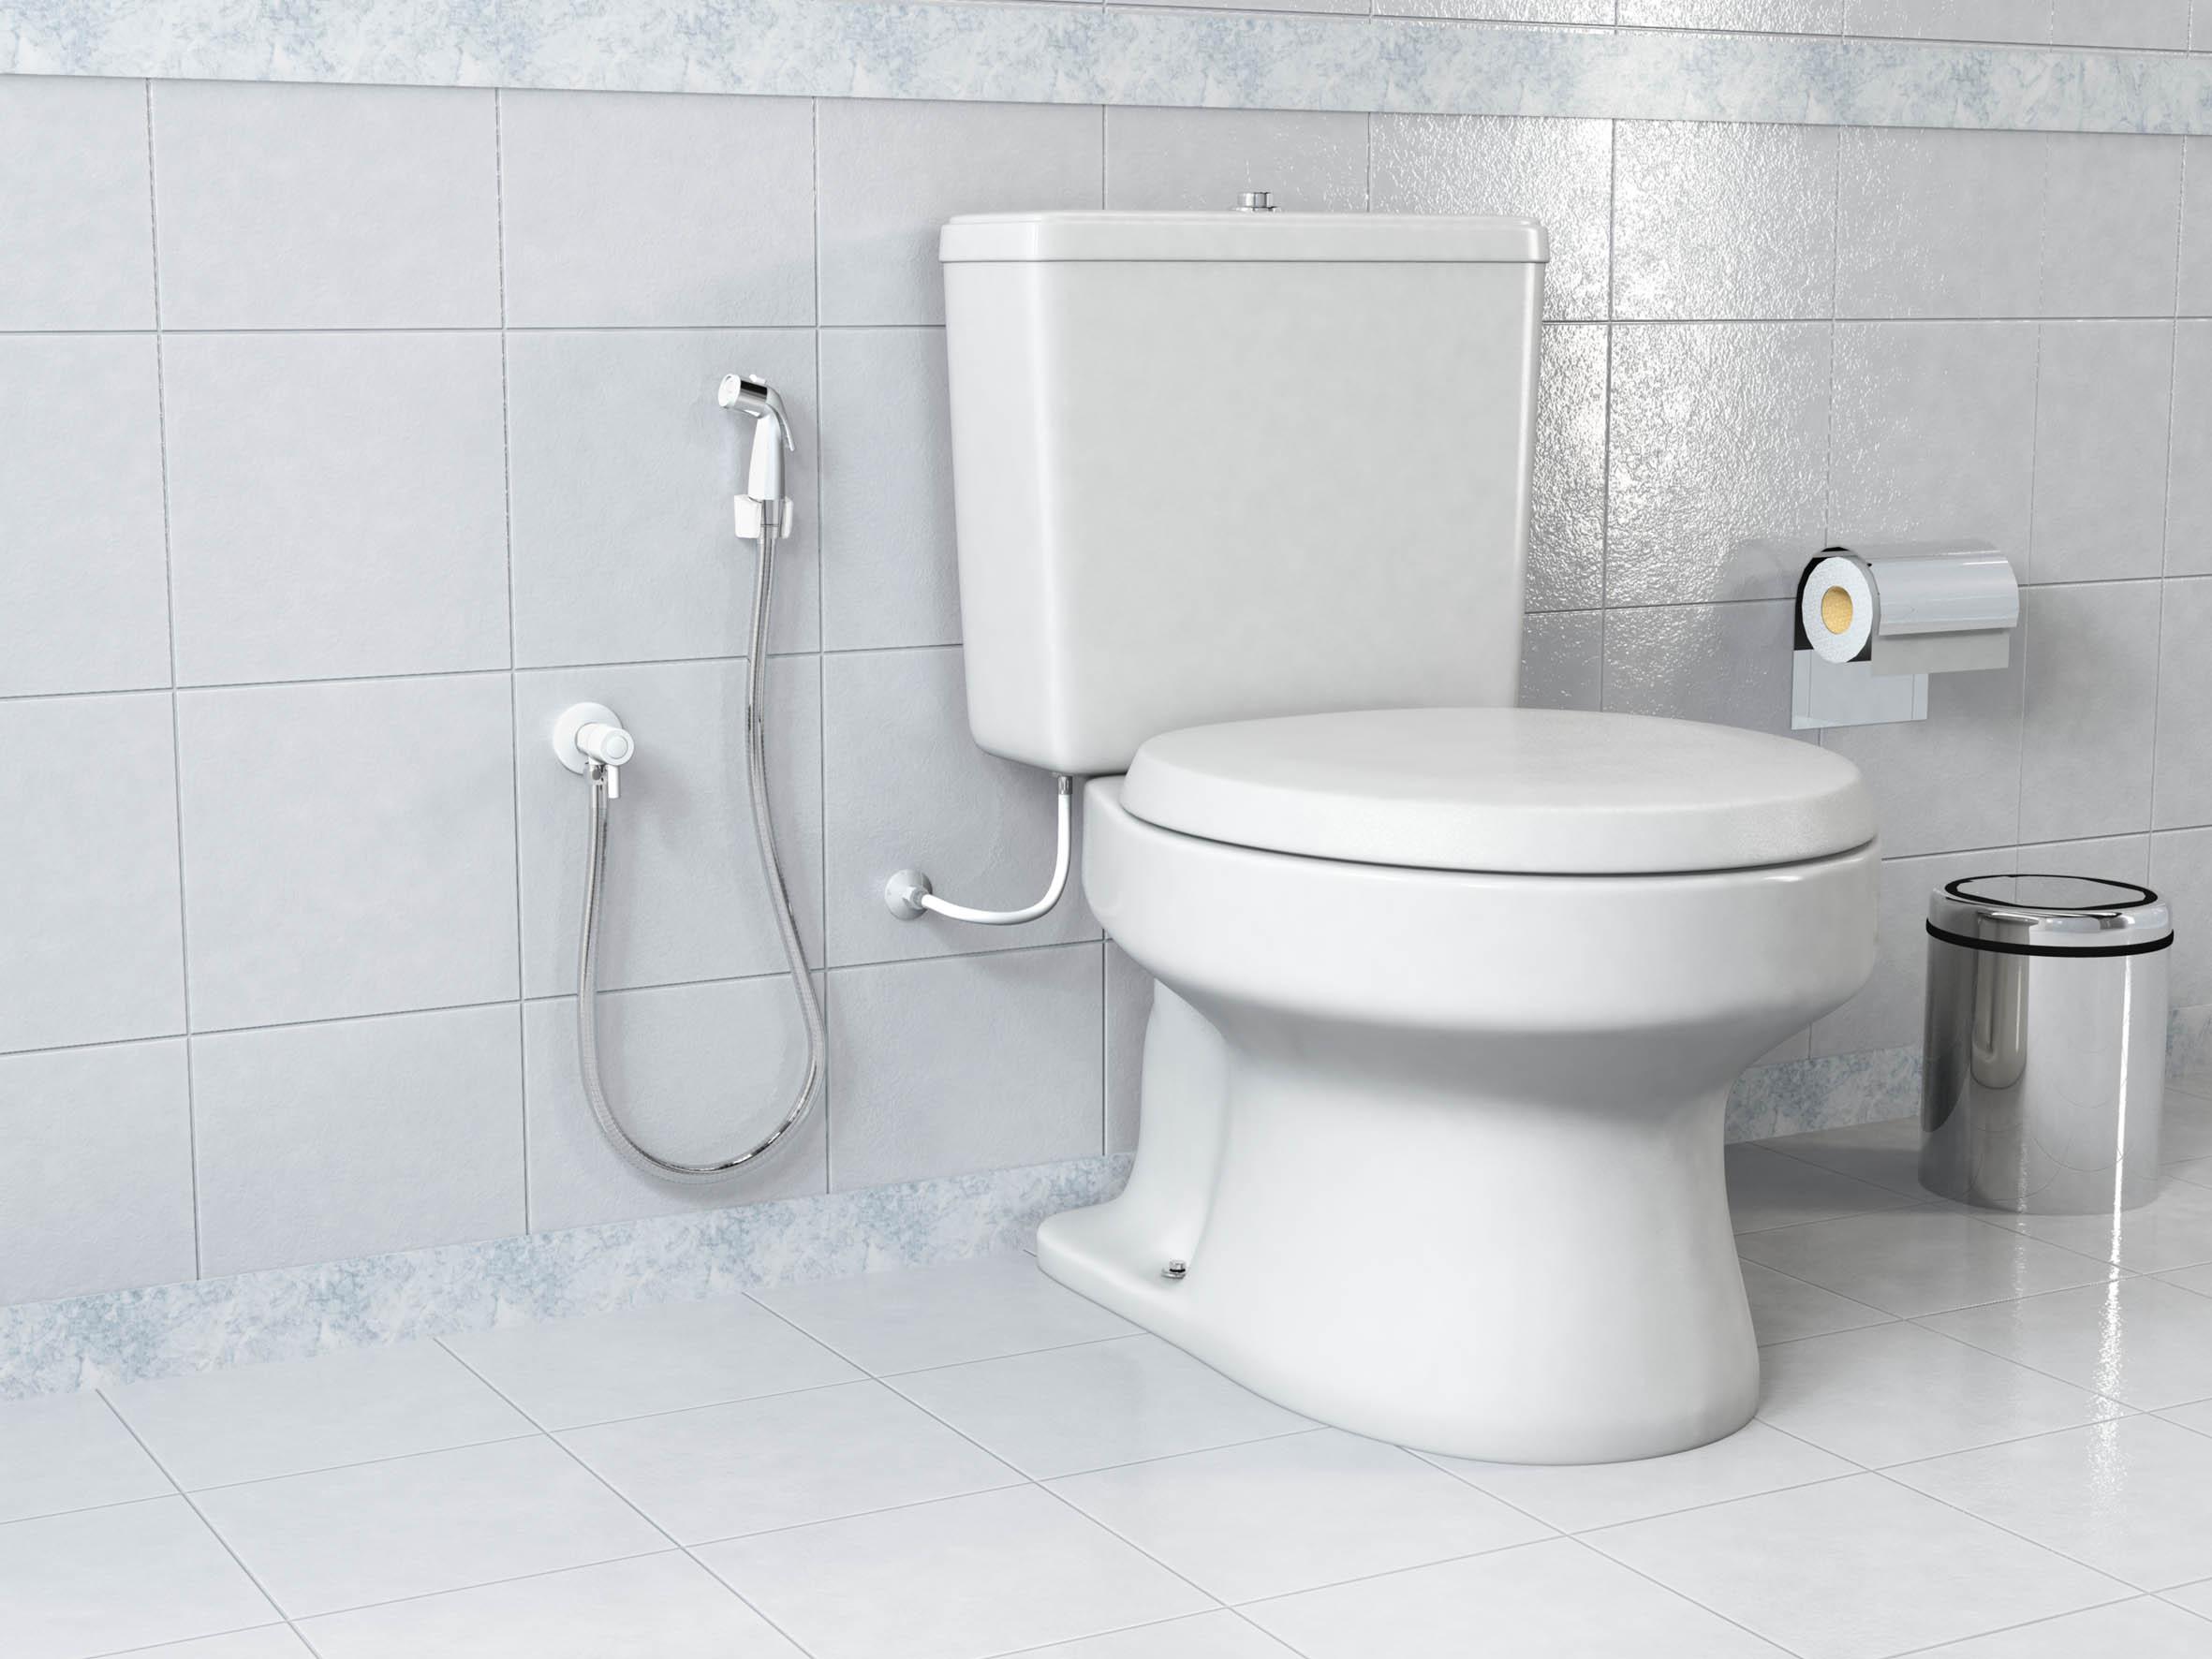 Arquiteto dá dicas para um banheiro sustentável Oficina das  #796B52 2362x1772 Banheiro De Arquiteto